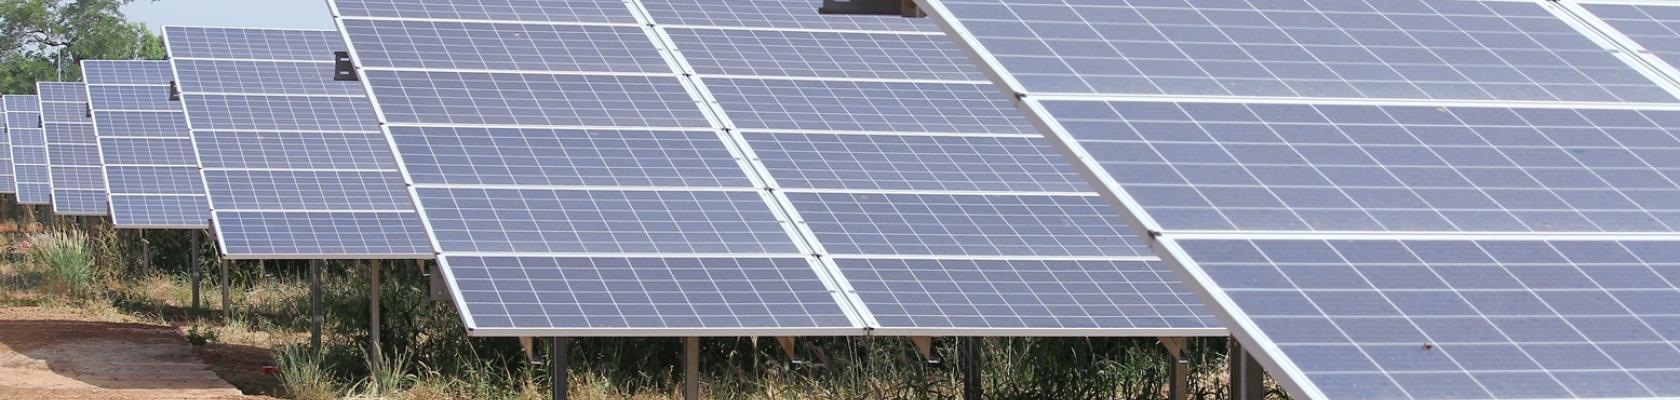 centrale solaire zagtouli Burkina Faso